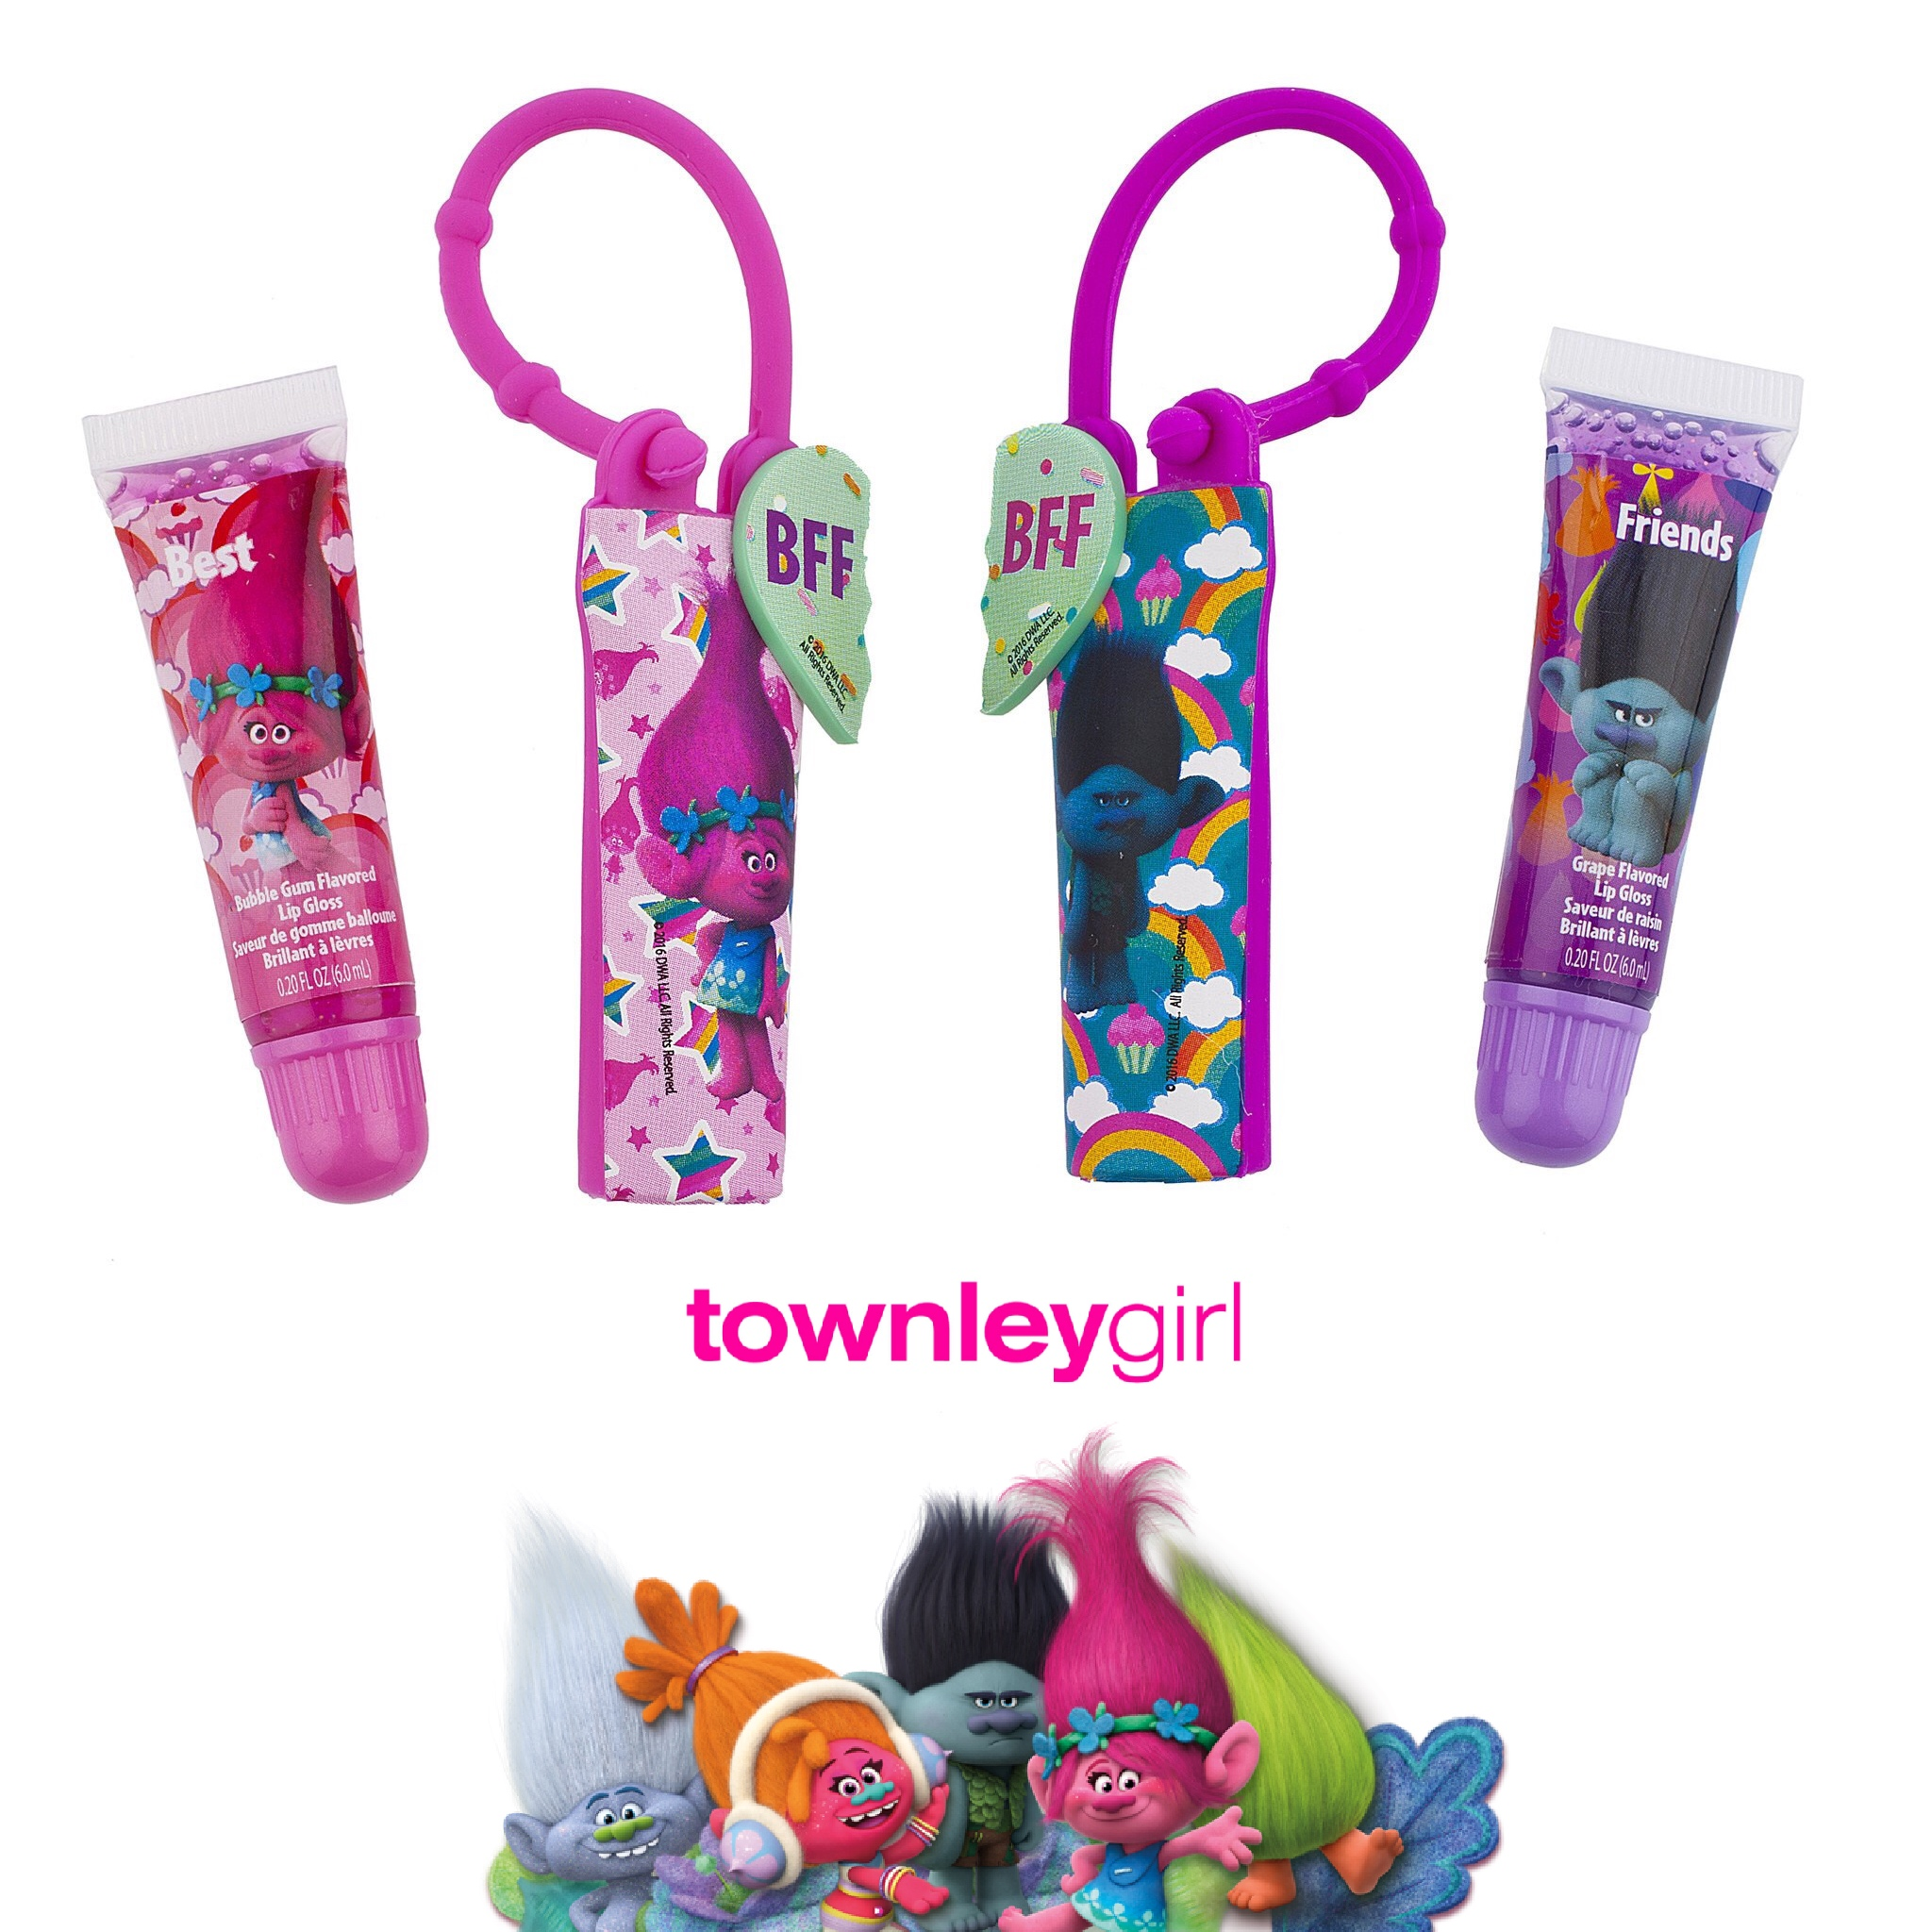 ชุดลิปกลอสปลอดสารพิษสำหรับเด็ก Townleygirl Trolls BFF Lip Gloss Set